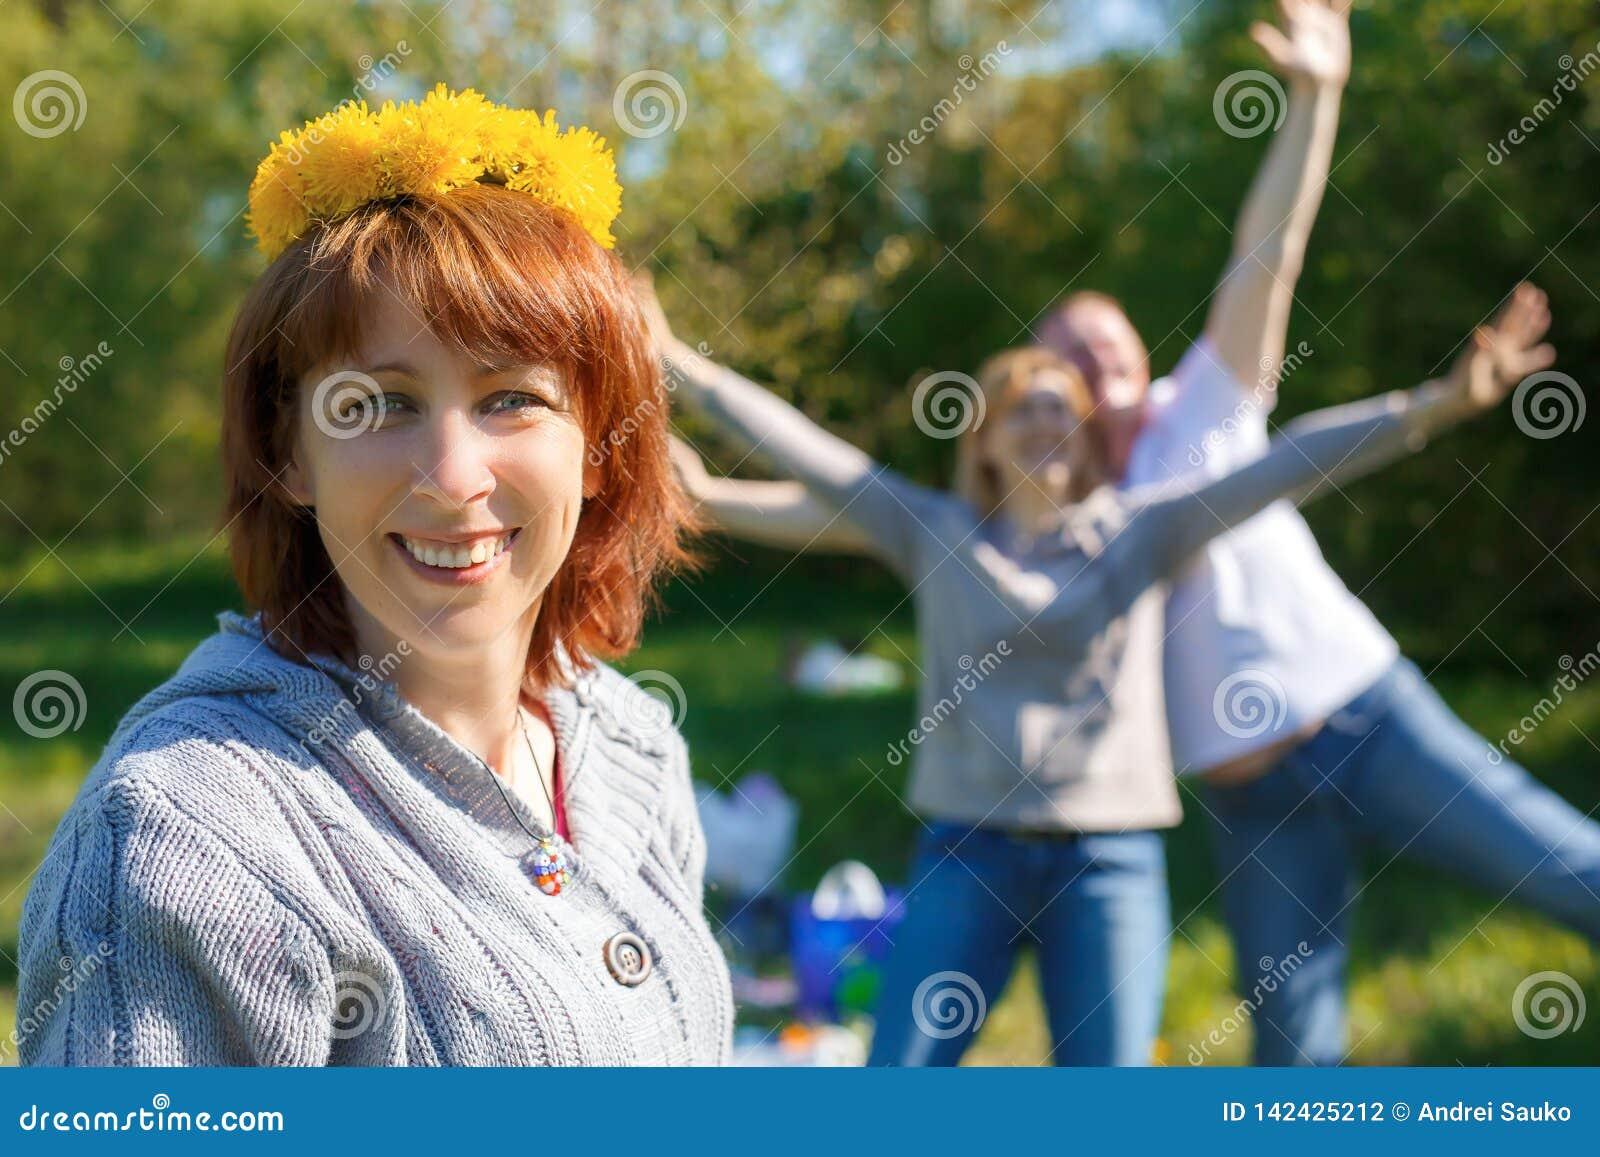 Spaßpicknick mit Freunden Ein Kranz des Löwenzahns auf seinem Kopf